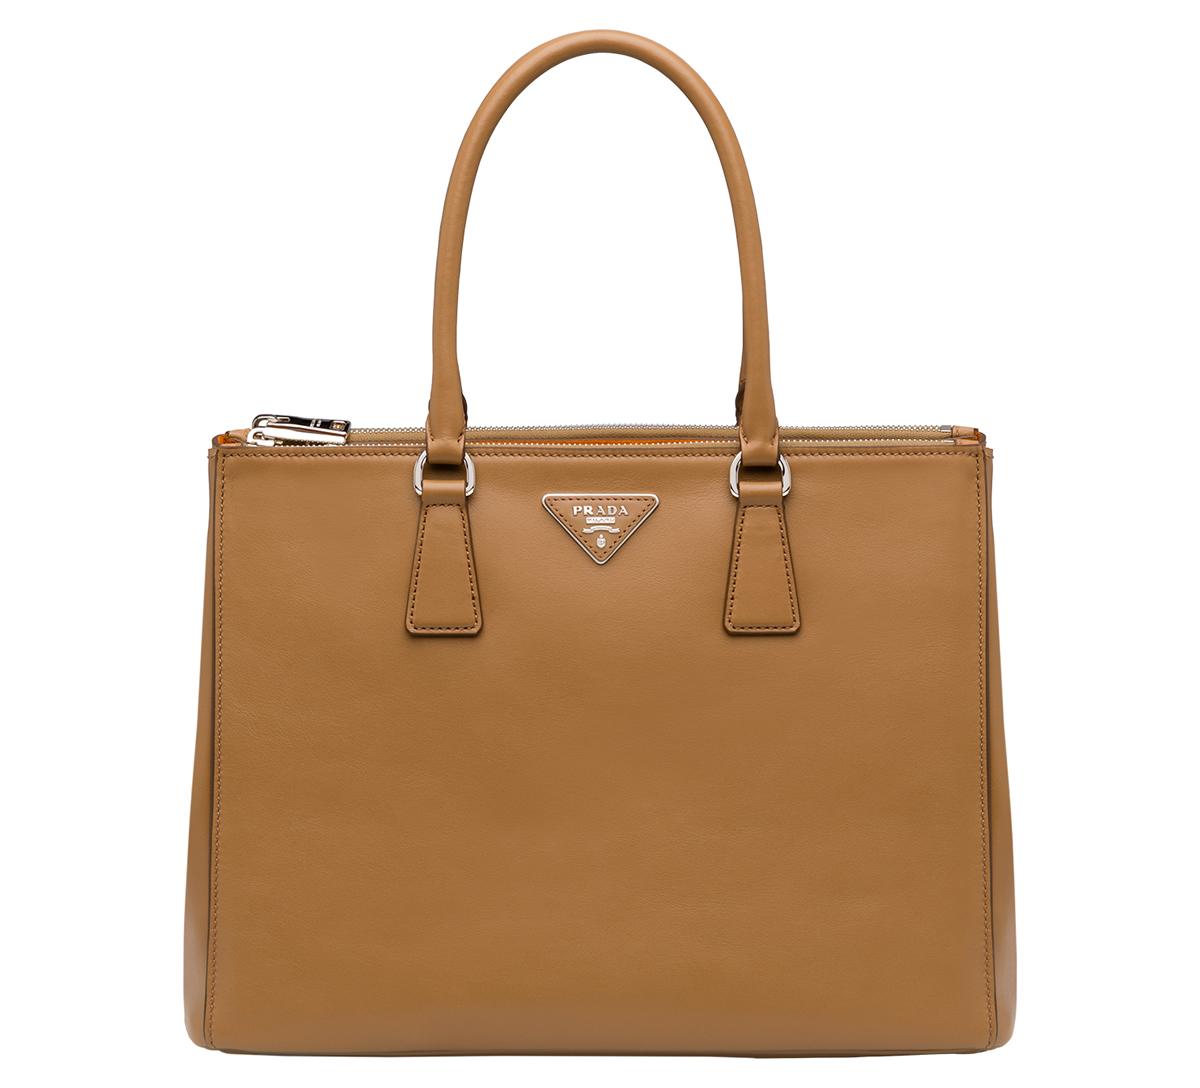 Prada Galleria Bag in Caramel